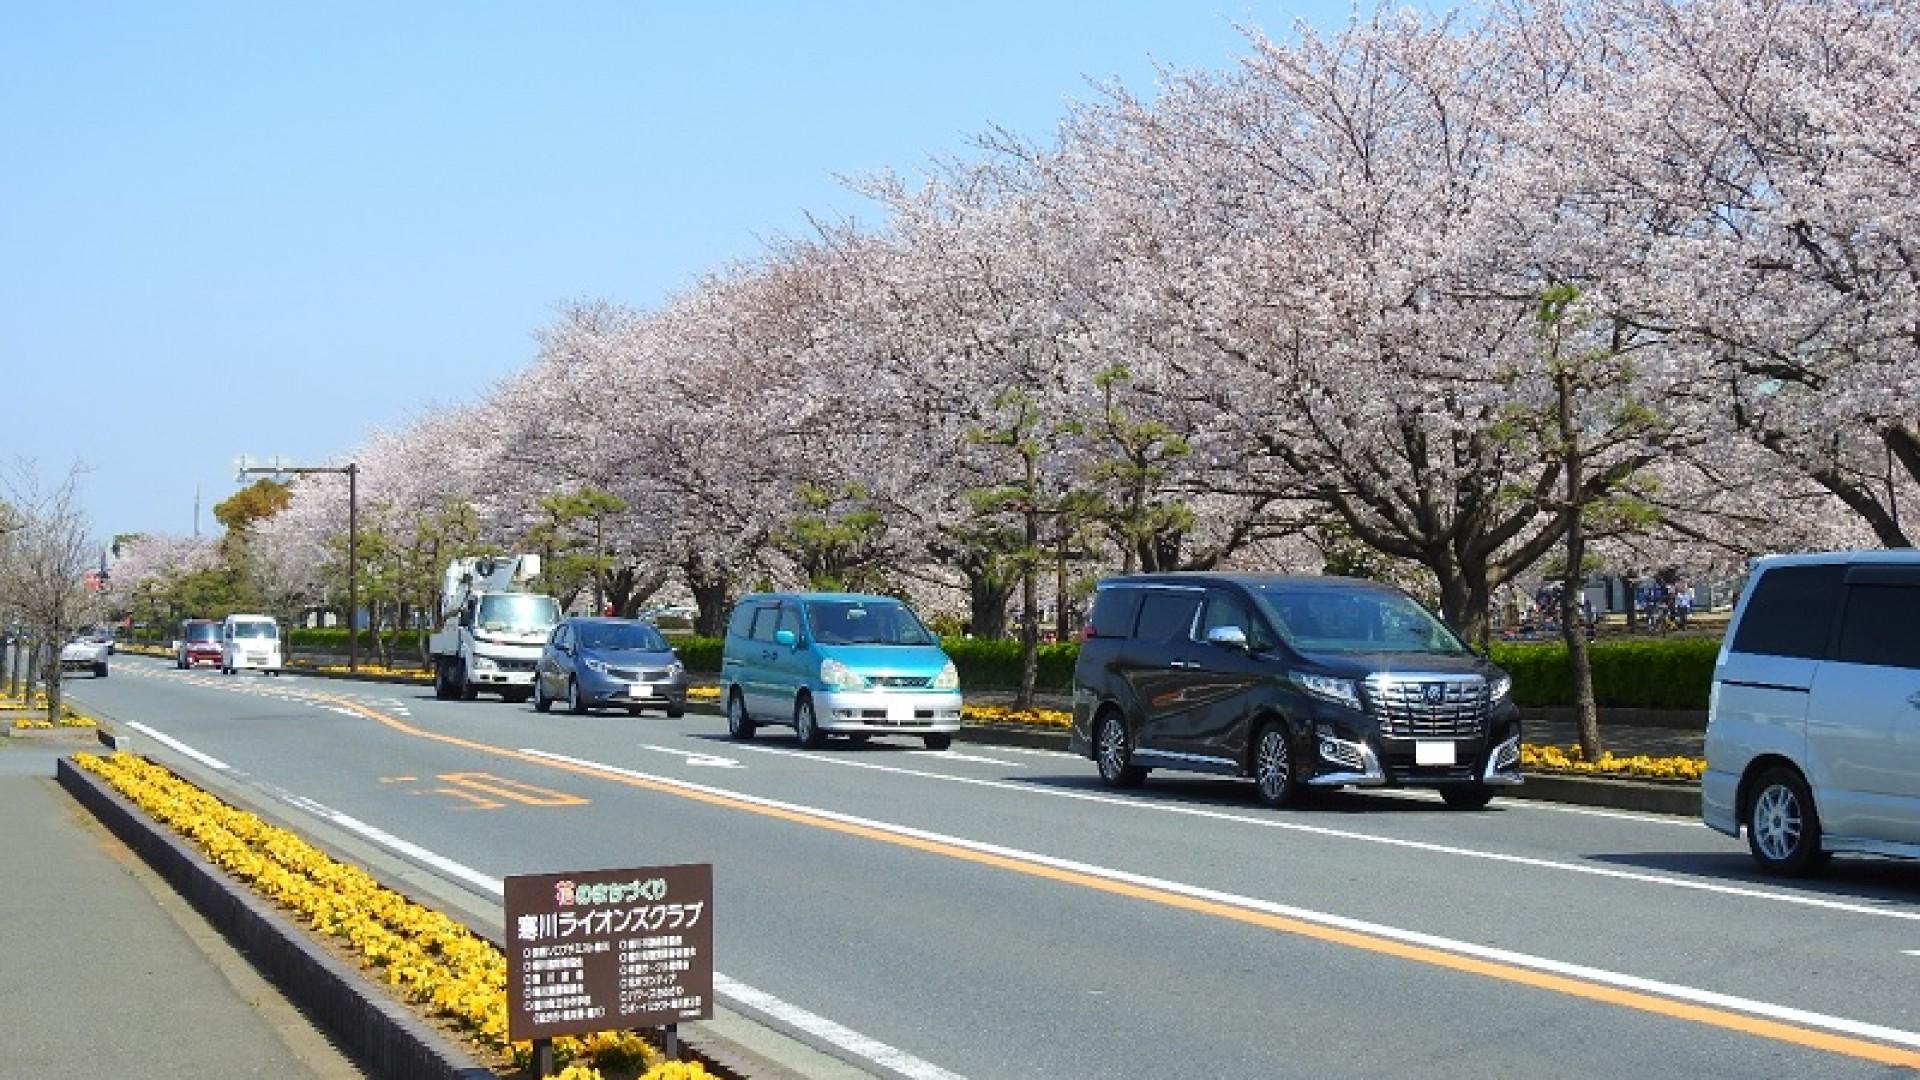 寒川中央公园旁边的县道(开运富士山景点:大鸟居和富士山)